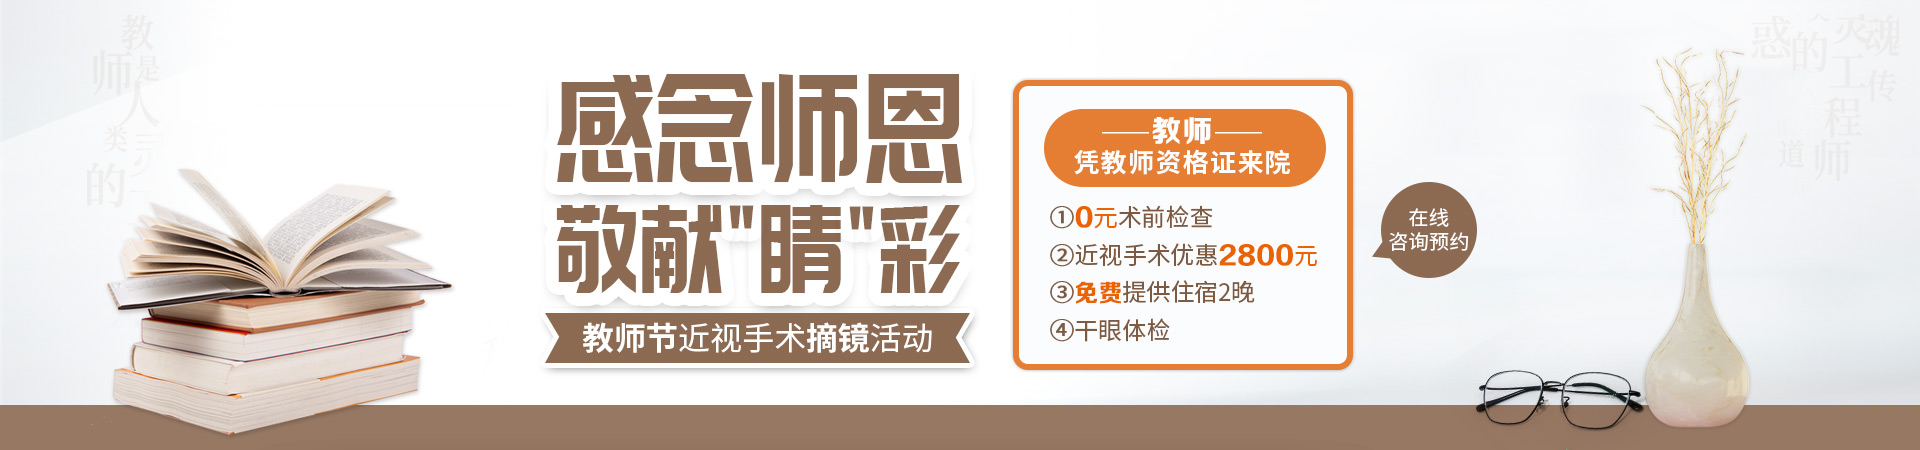 教师节近视手术活动banner